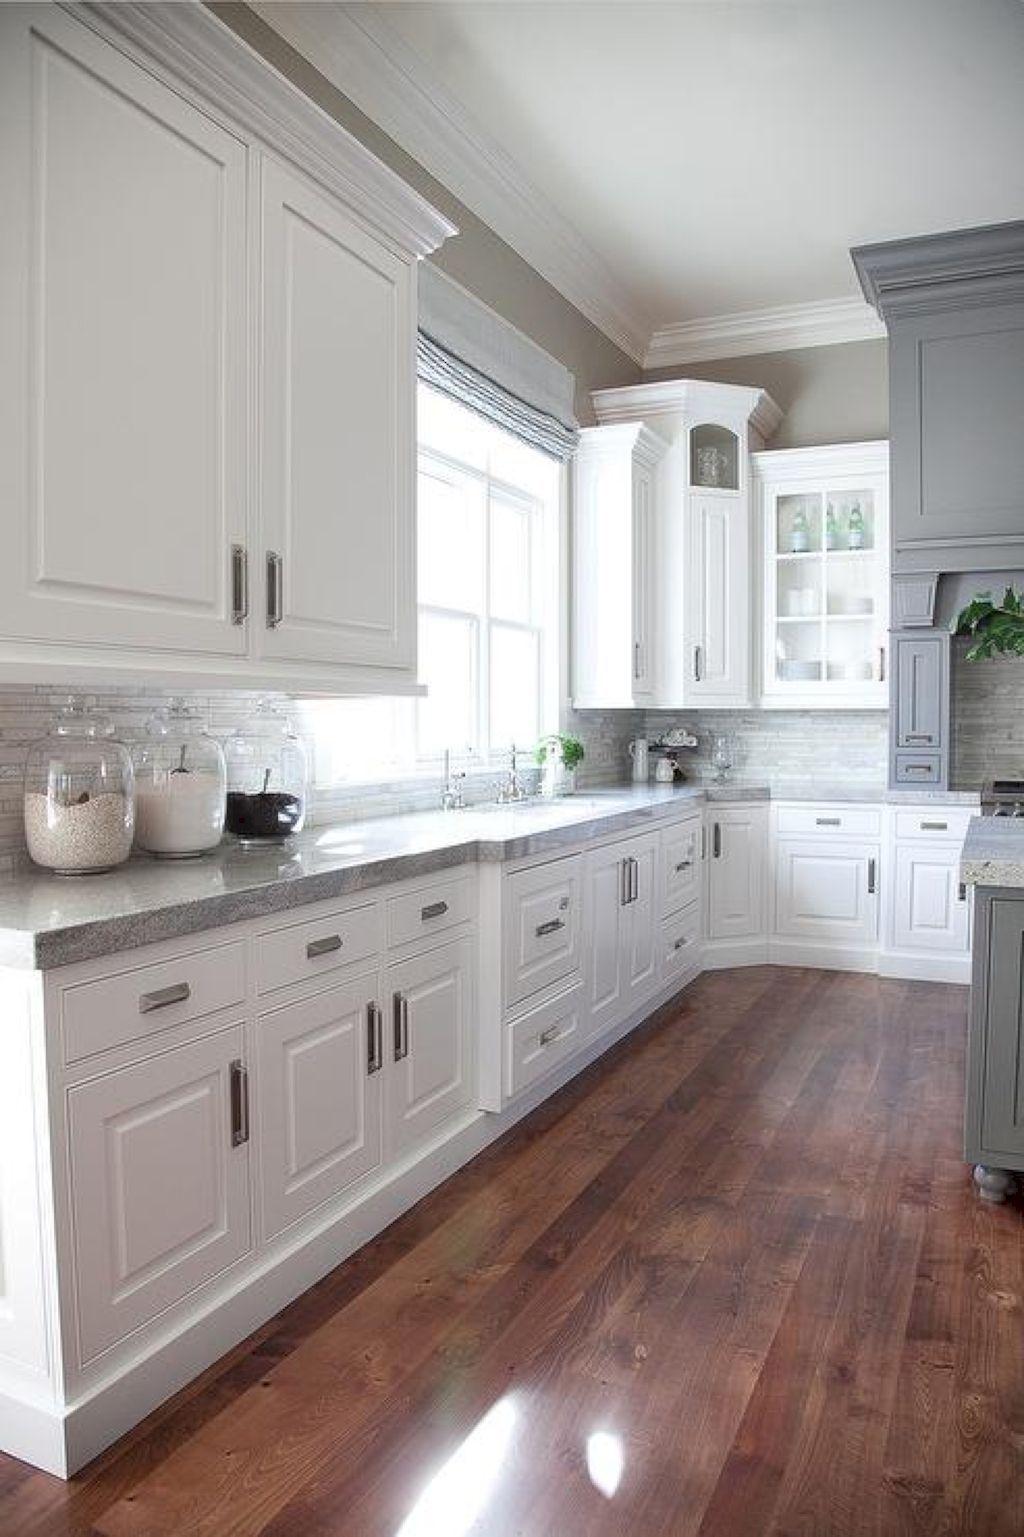 64 Best White Kitchen Design and Decor Ideas | Kitchen design and ...